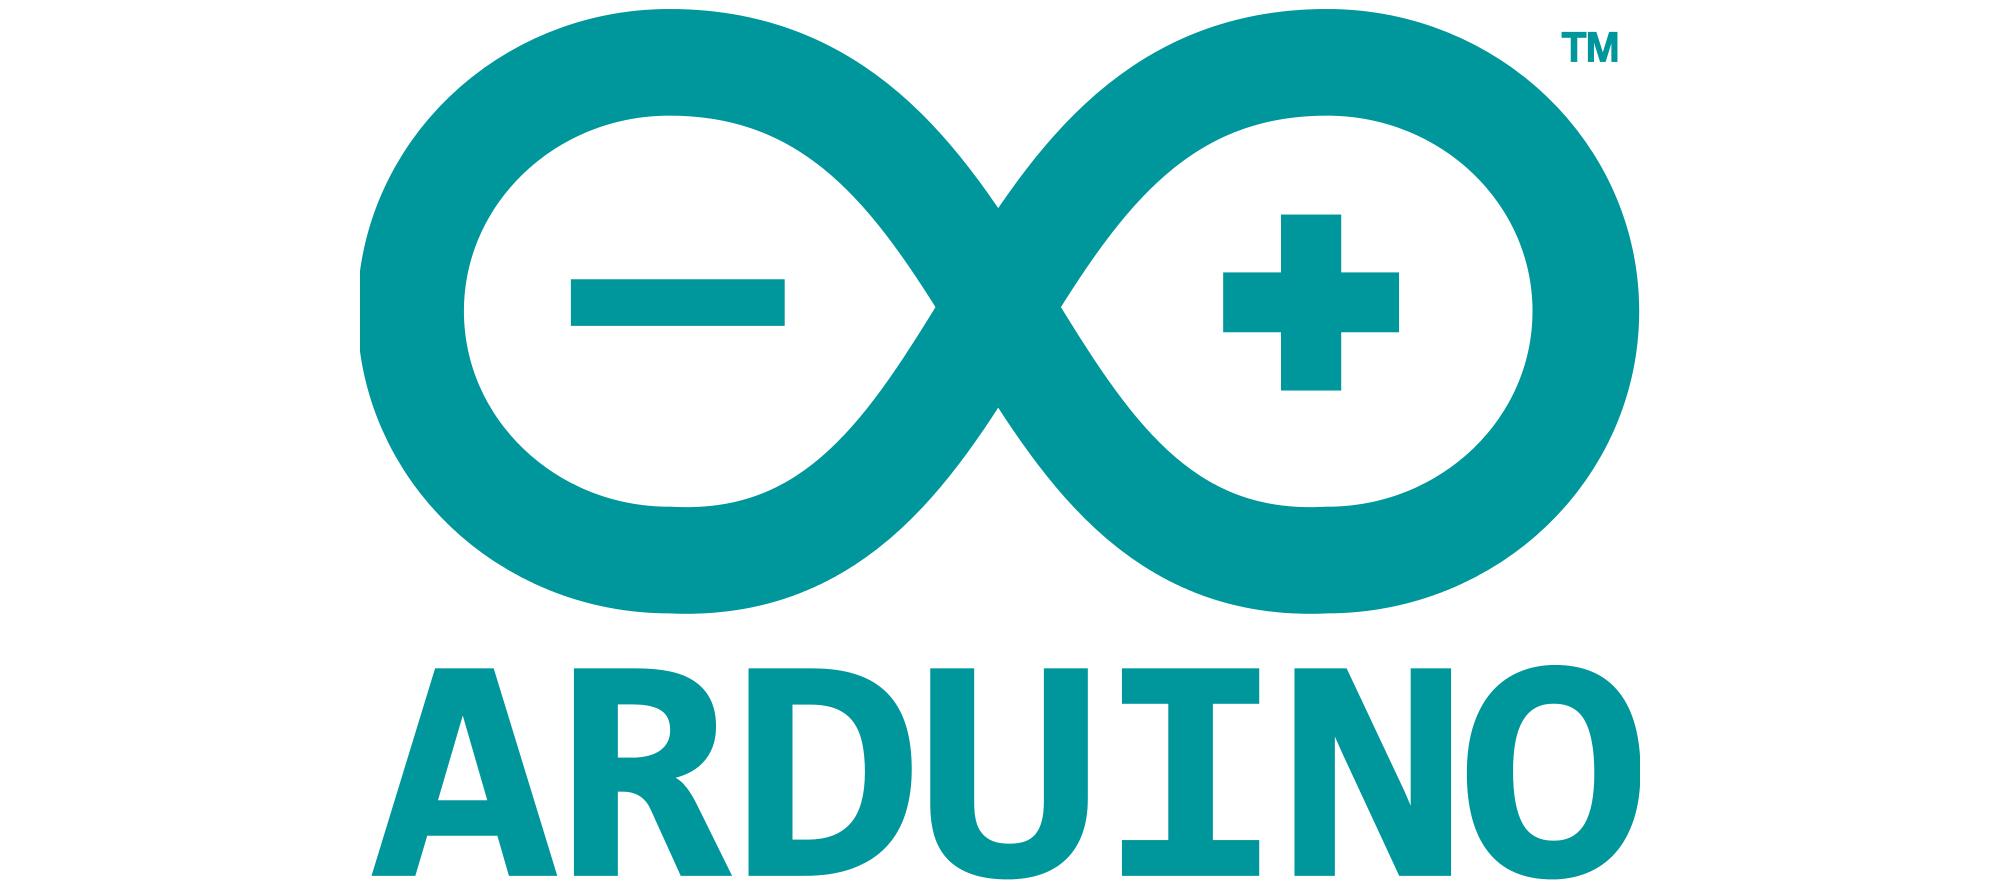 arduino_logo-svg_